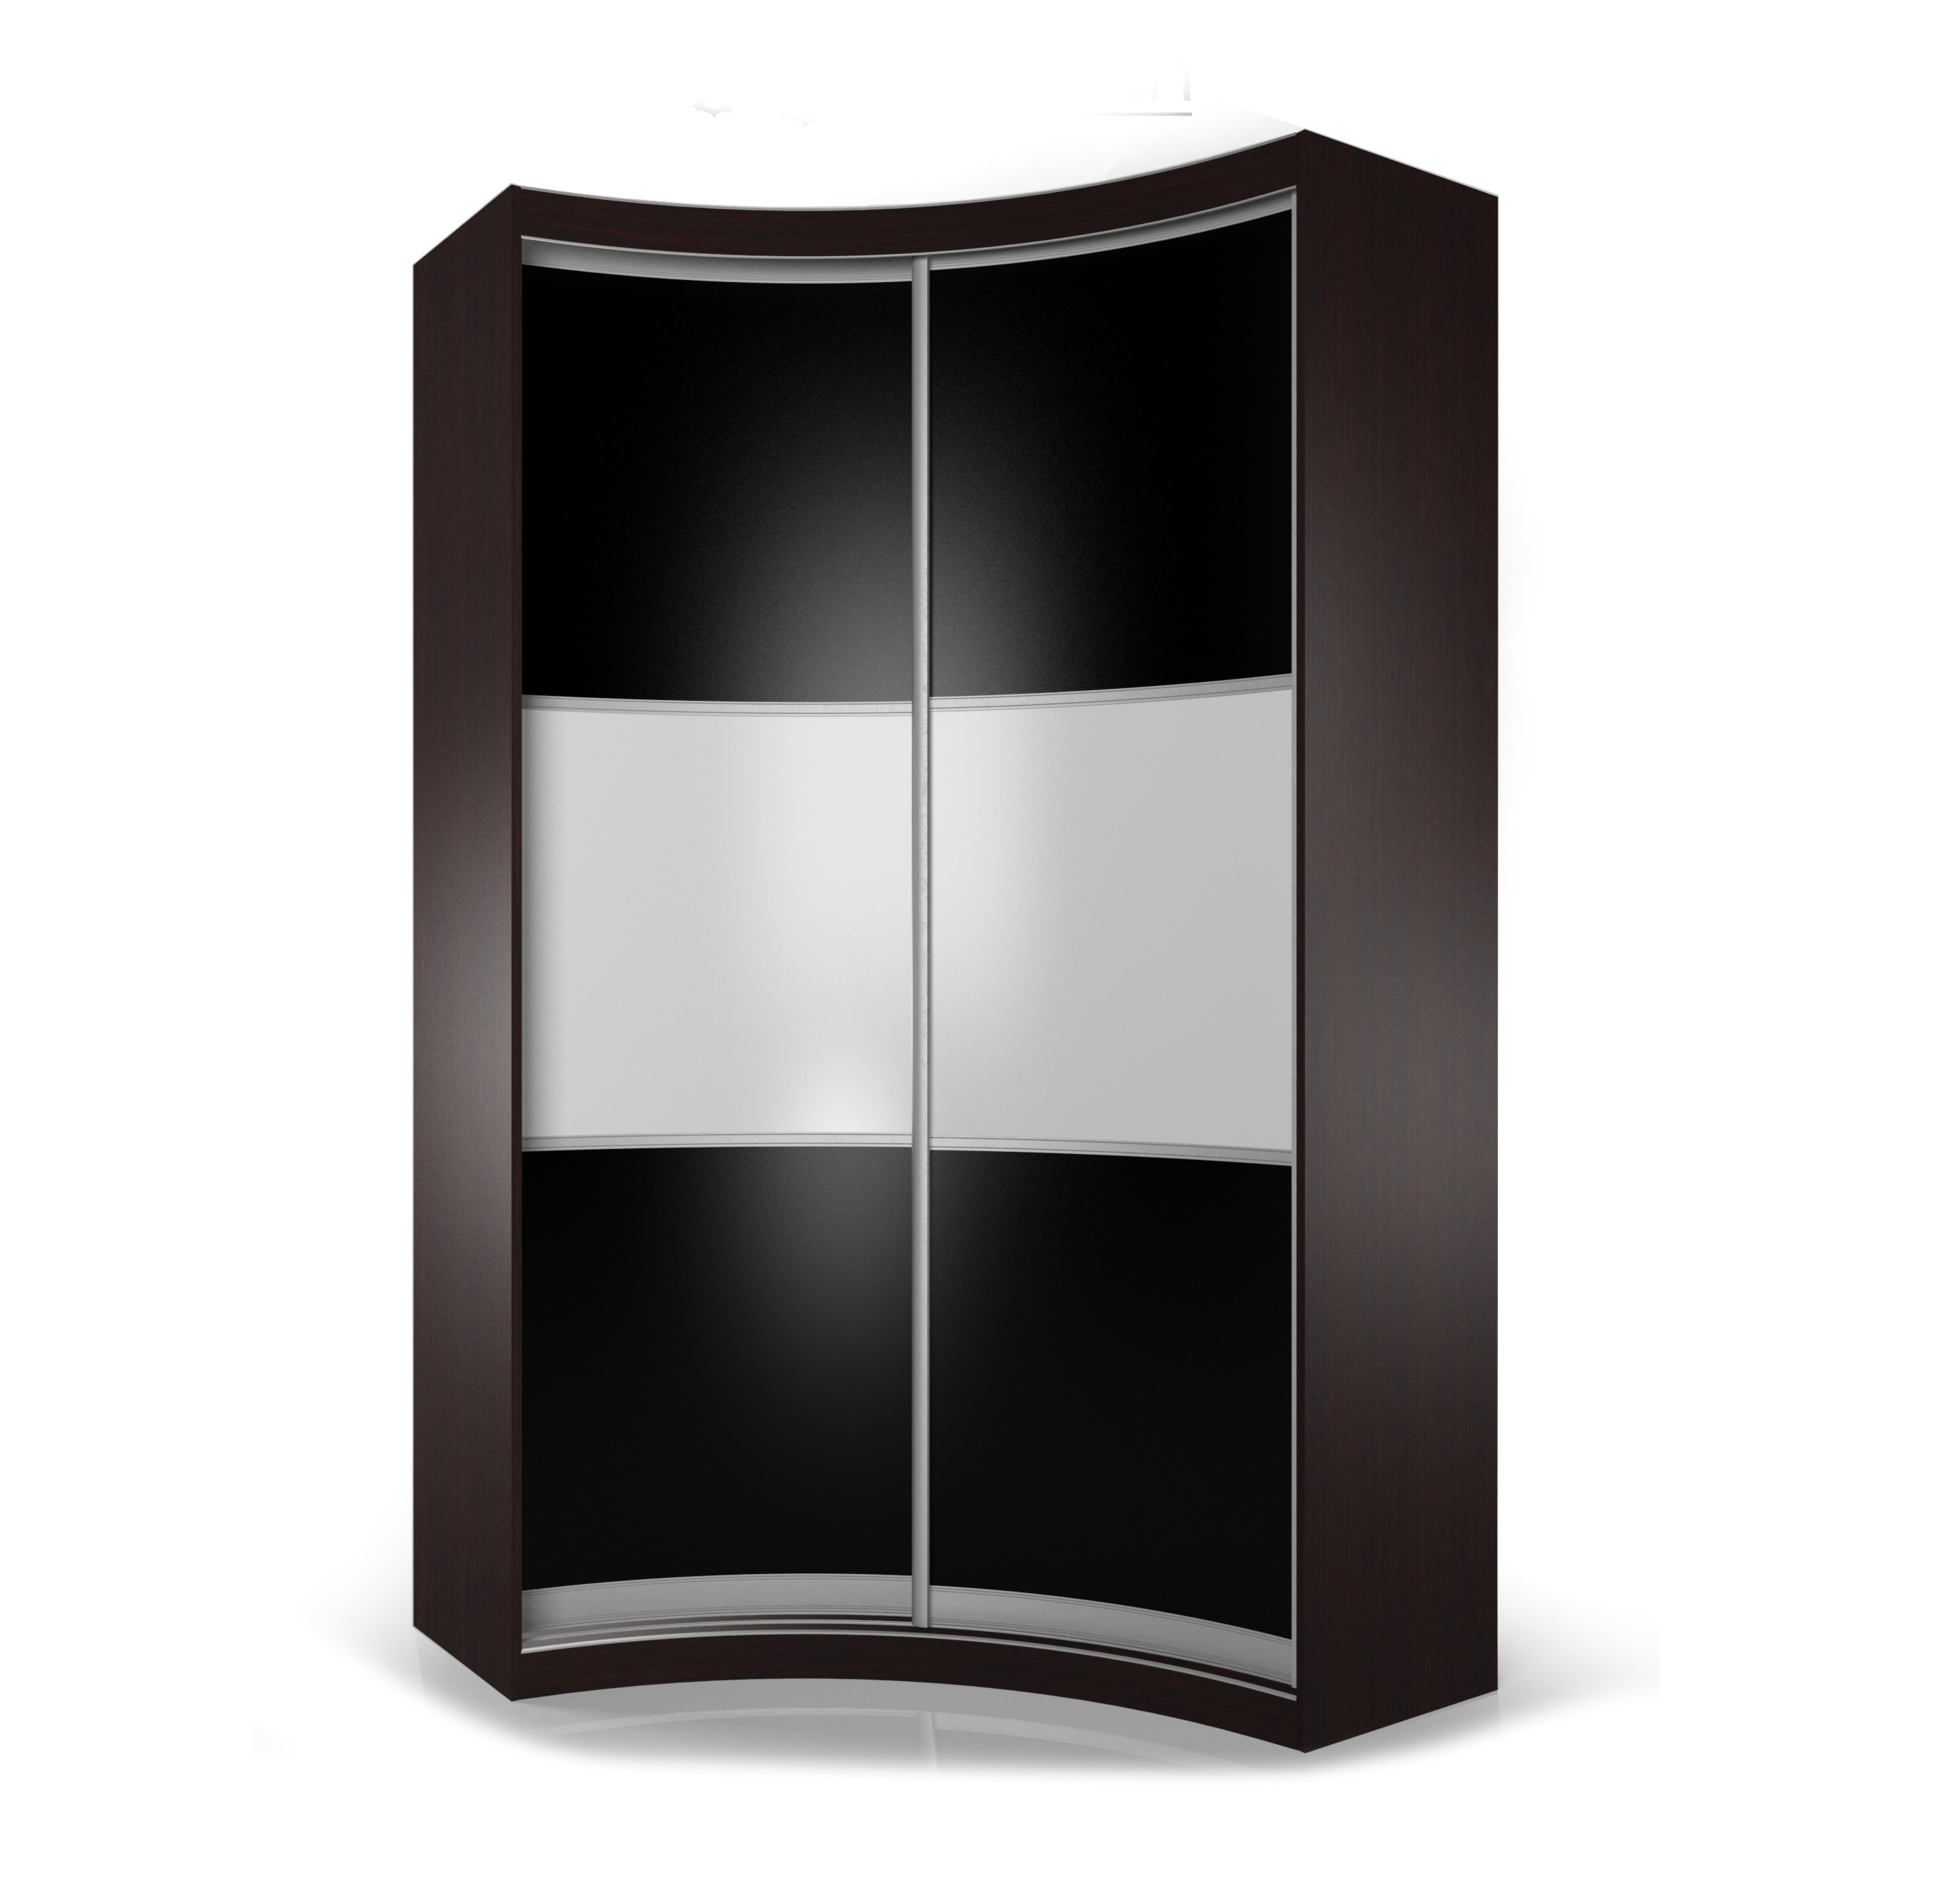 Радиусный шкаф-купе Мебелайн-9 радиусный шкаф купе мебелайн 5